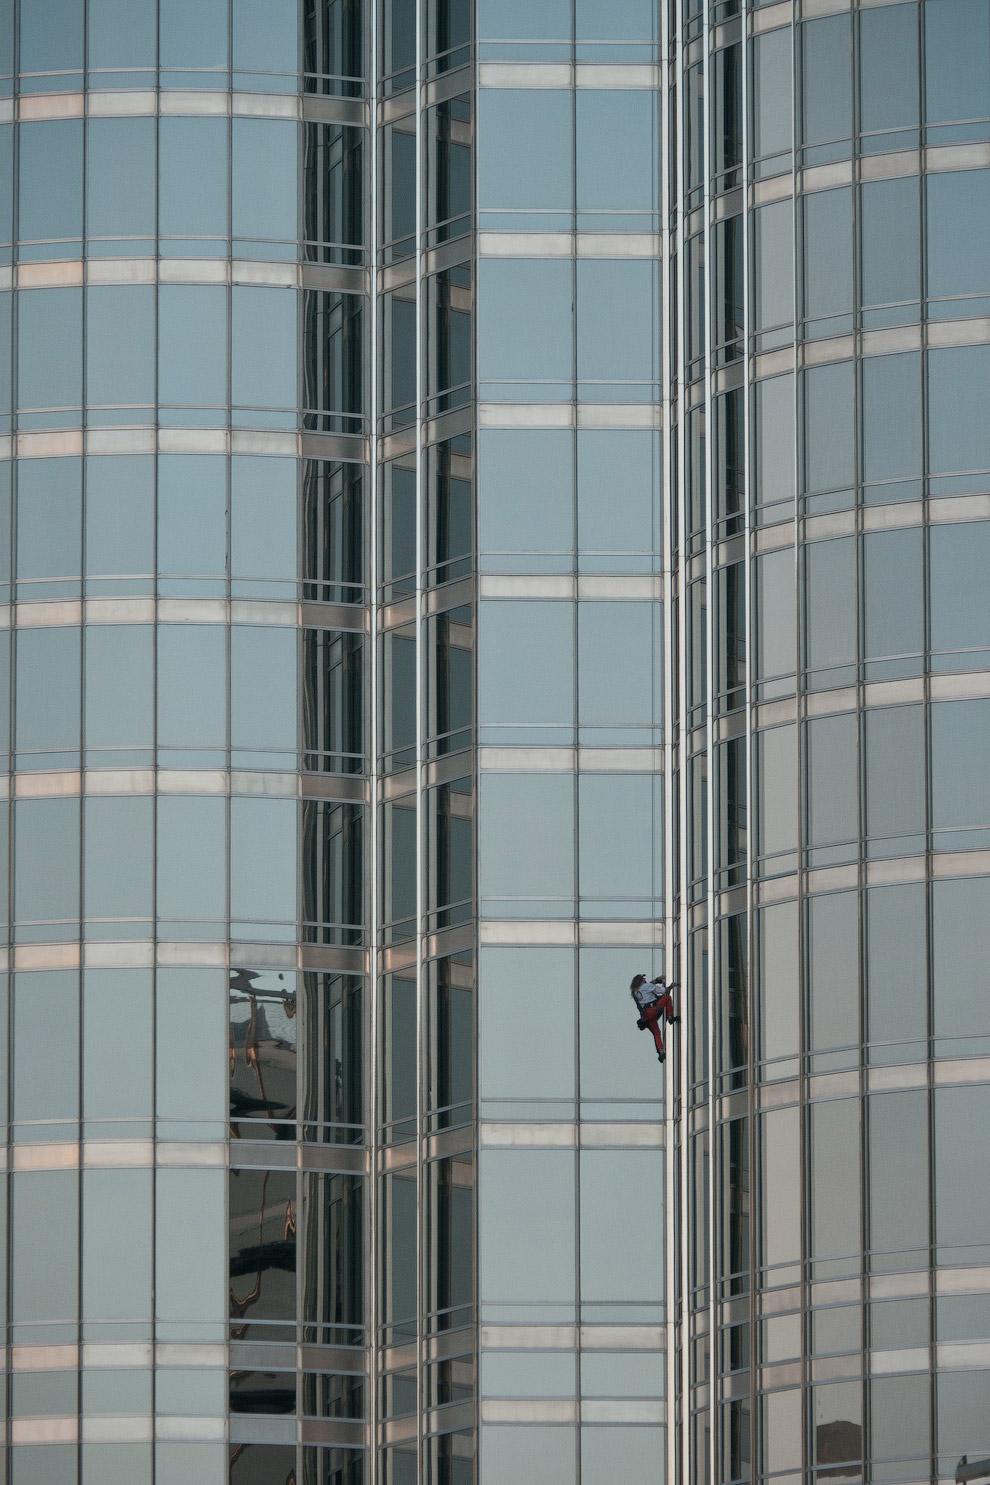 Ален Робер по прозвищу Человек-паук покоряет самое высокое в мире здание Бурдж-Халифу (828 м)